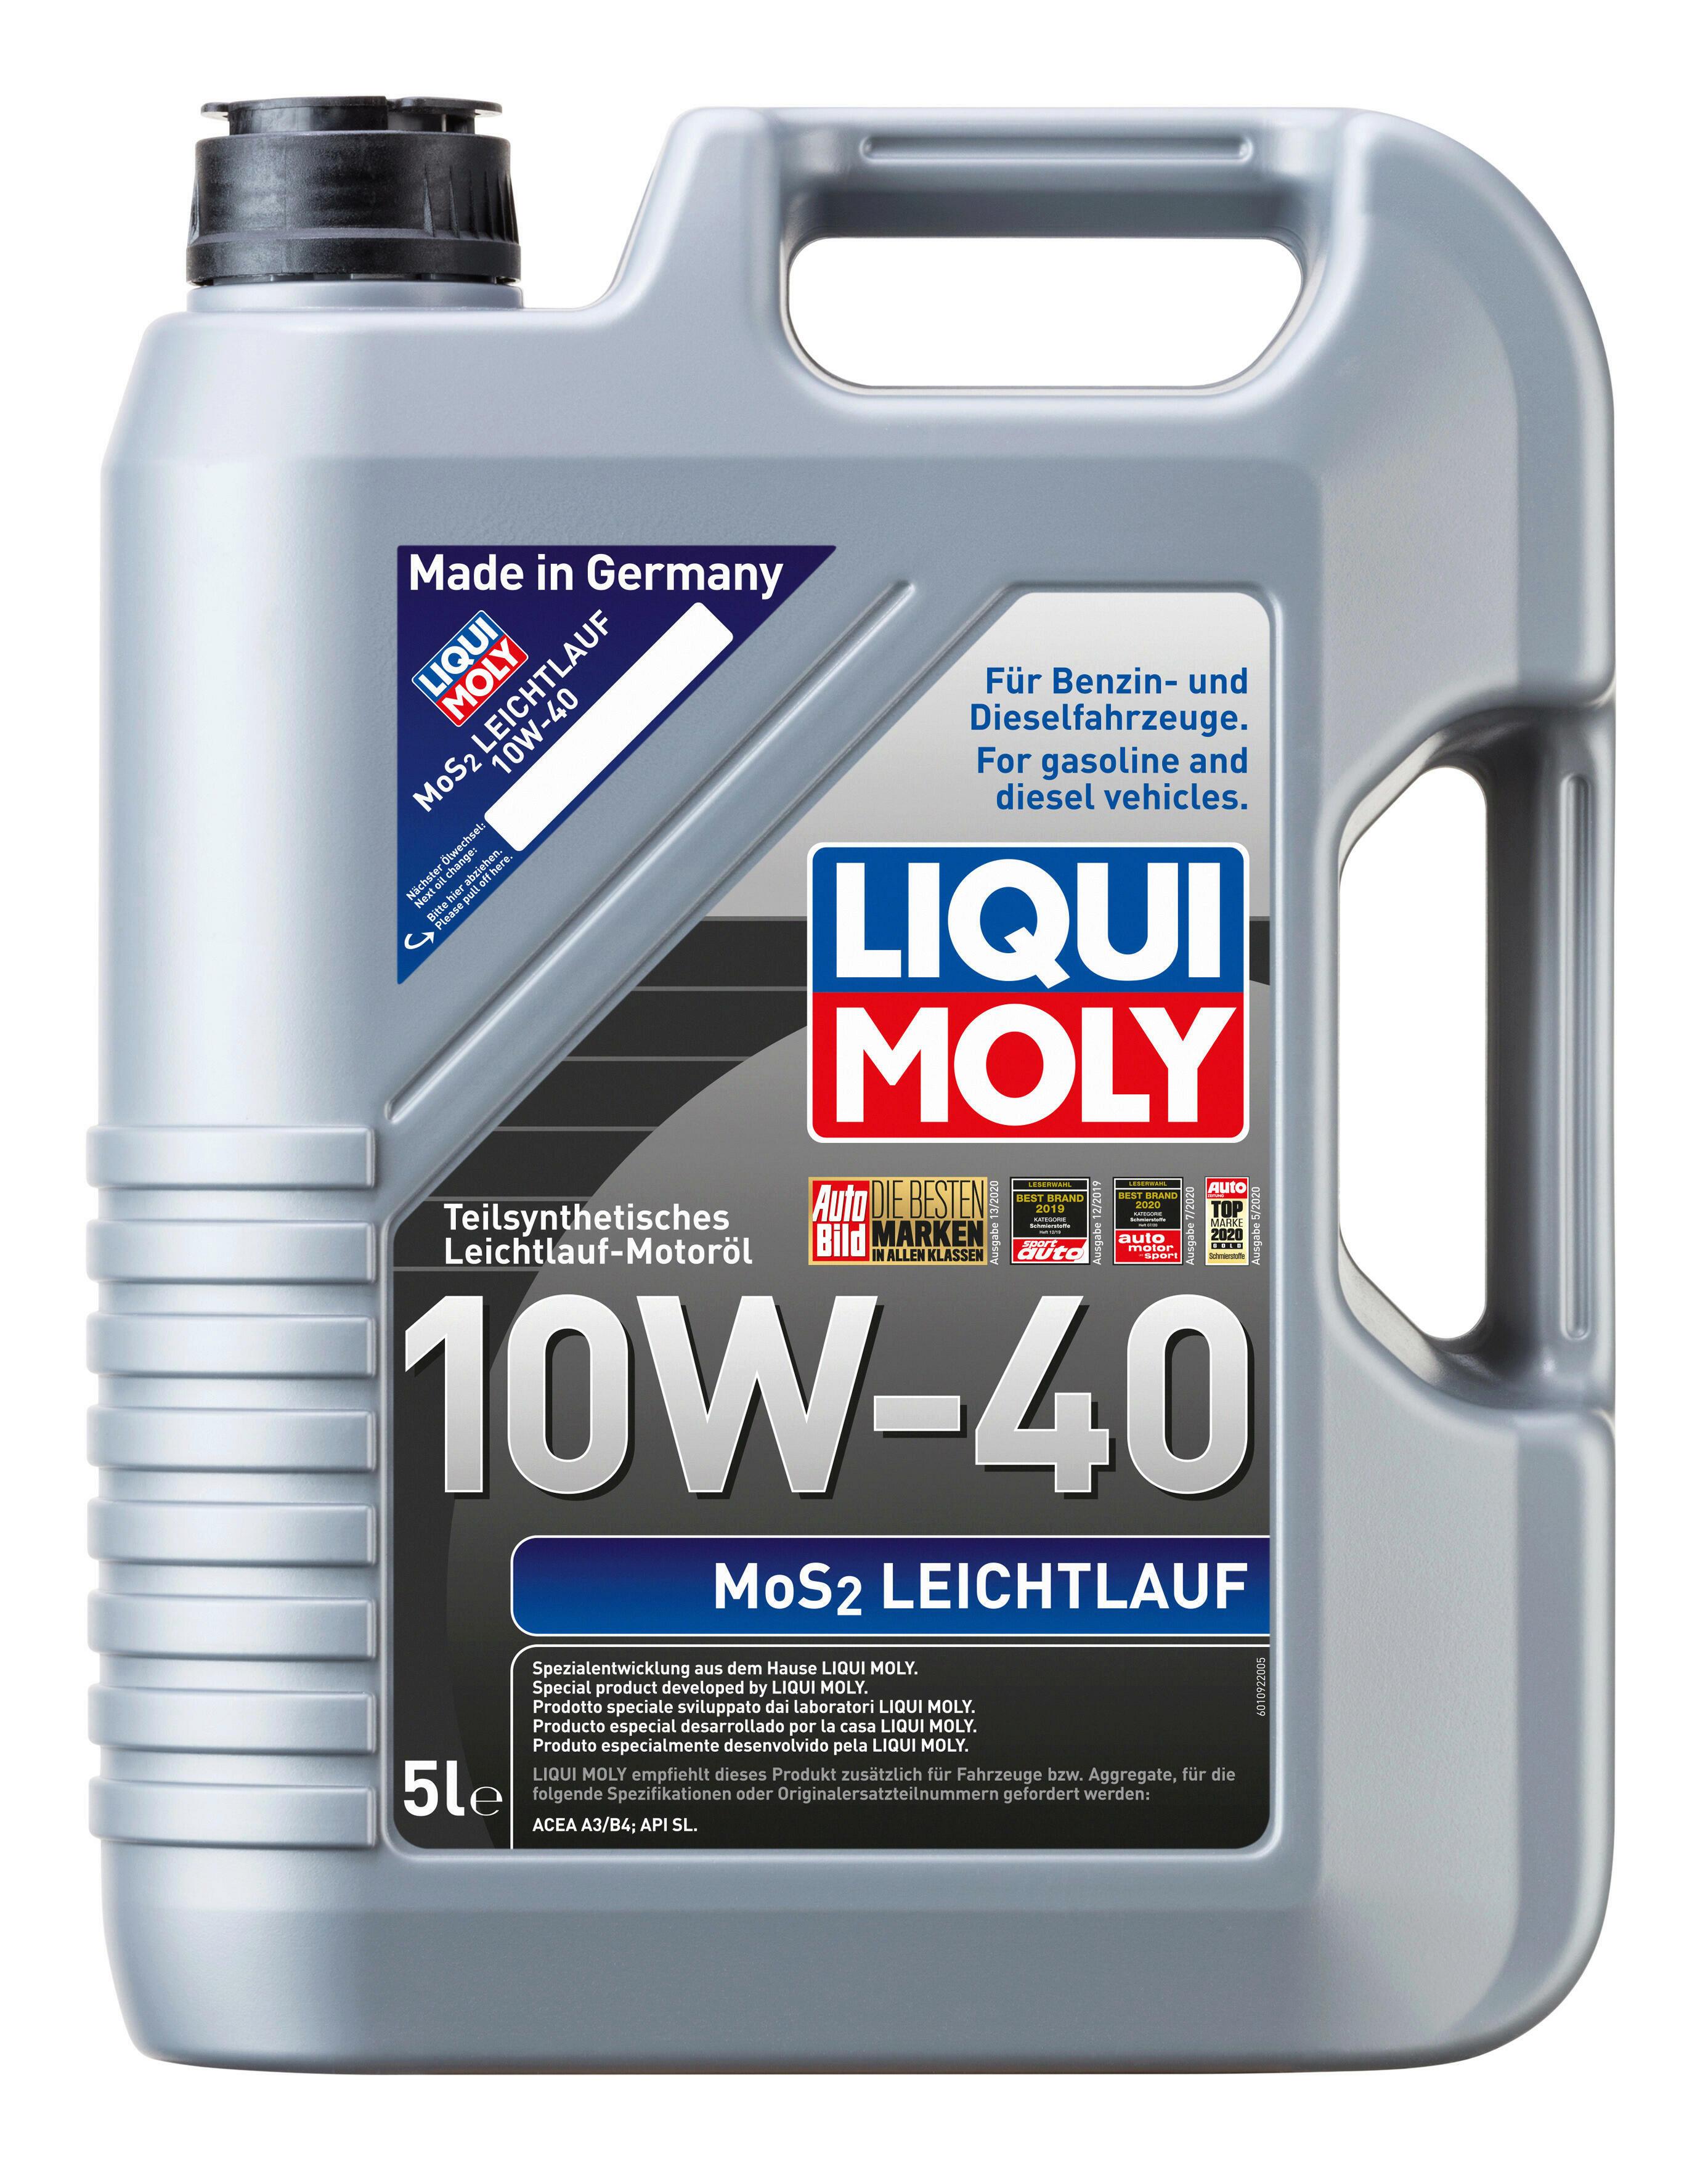 Liqui Moly Leichtlaufmotorenöl MoS2 10W-40 5L